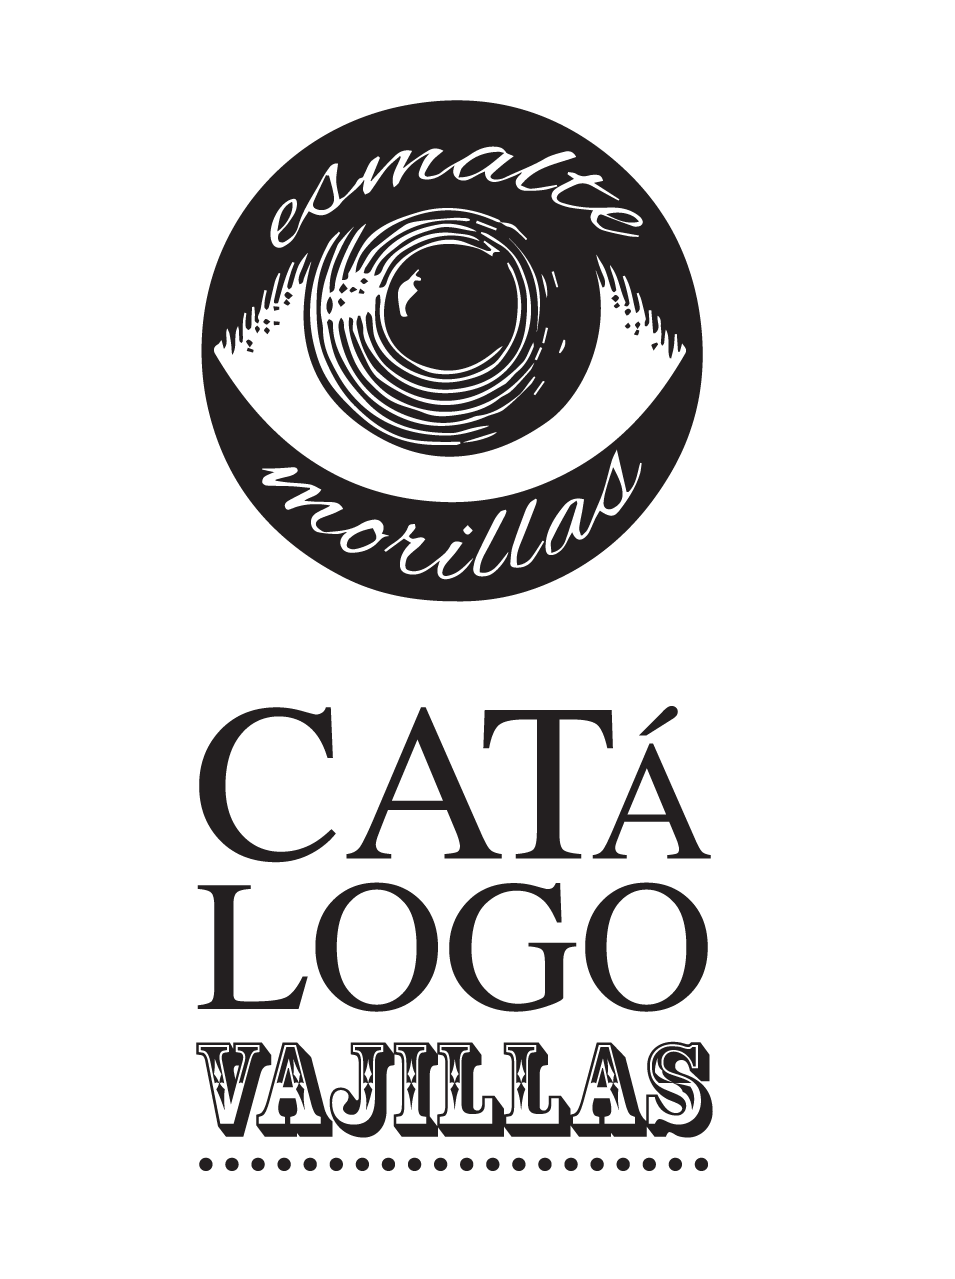 CatalogoVAJILLASMorillas2018-1.png